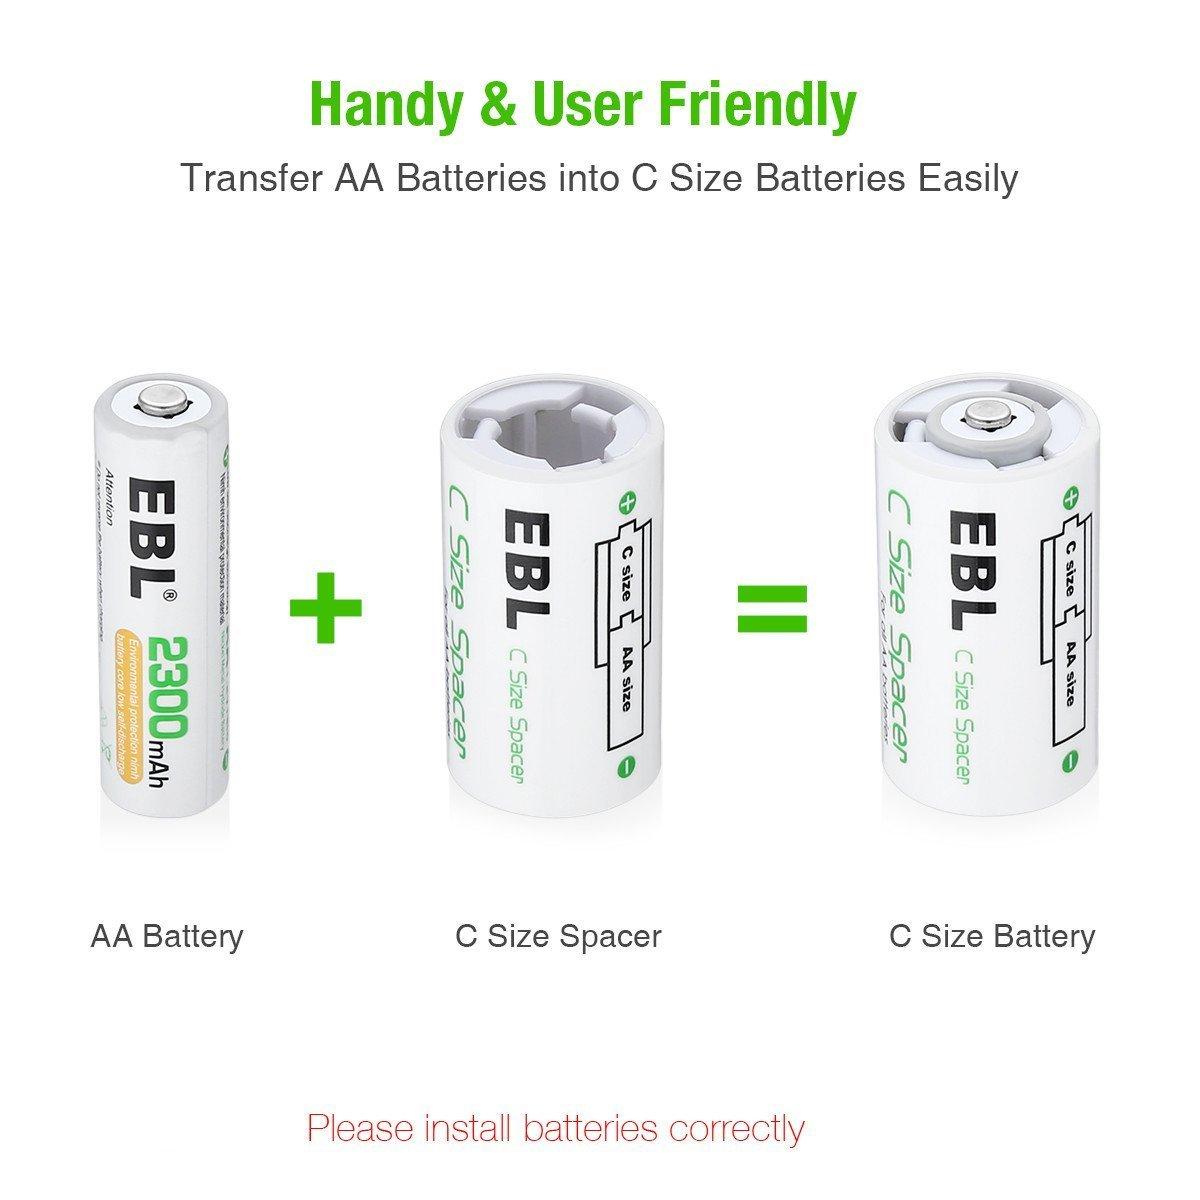 EBL 4 Unidades Cajas de Baterías AA a C